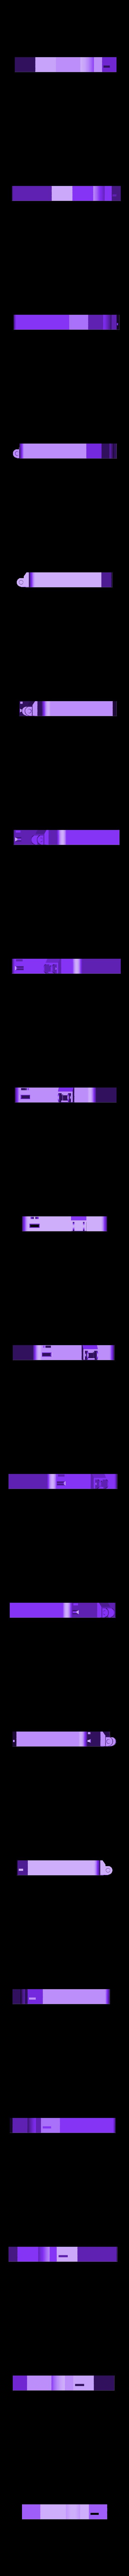 Slider_Base_V3_-_P1of2.STL Télécharger fichier STL gratuit Barman robotique • Plan à imprimer en 3D, DIYMachines